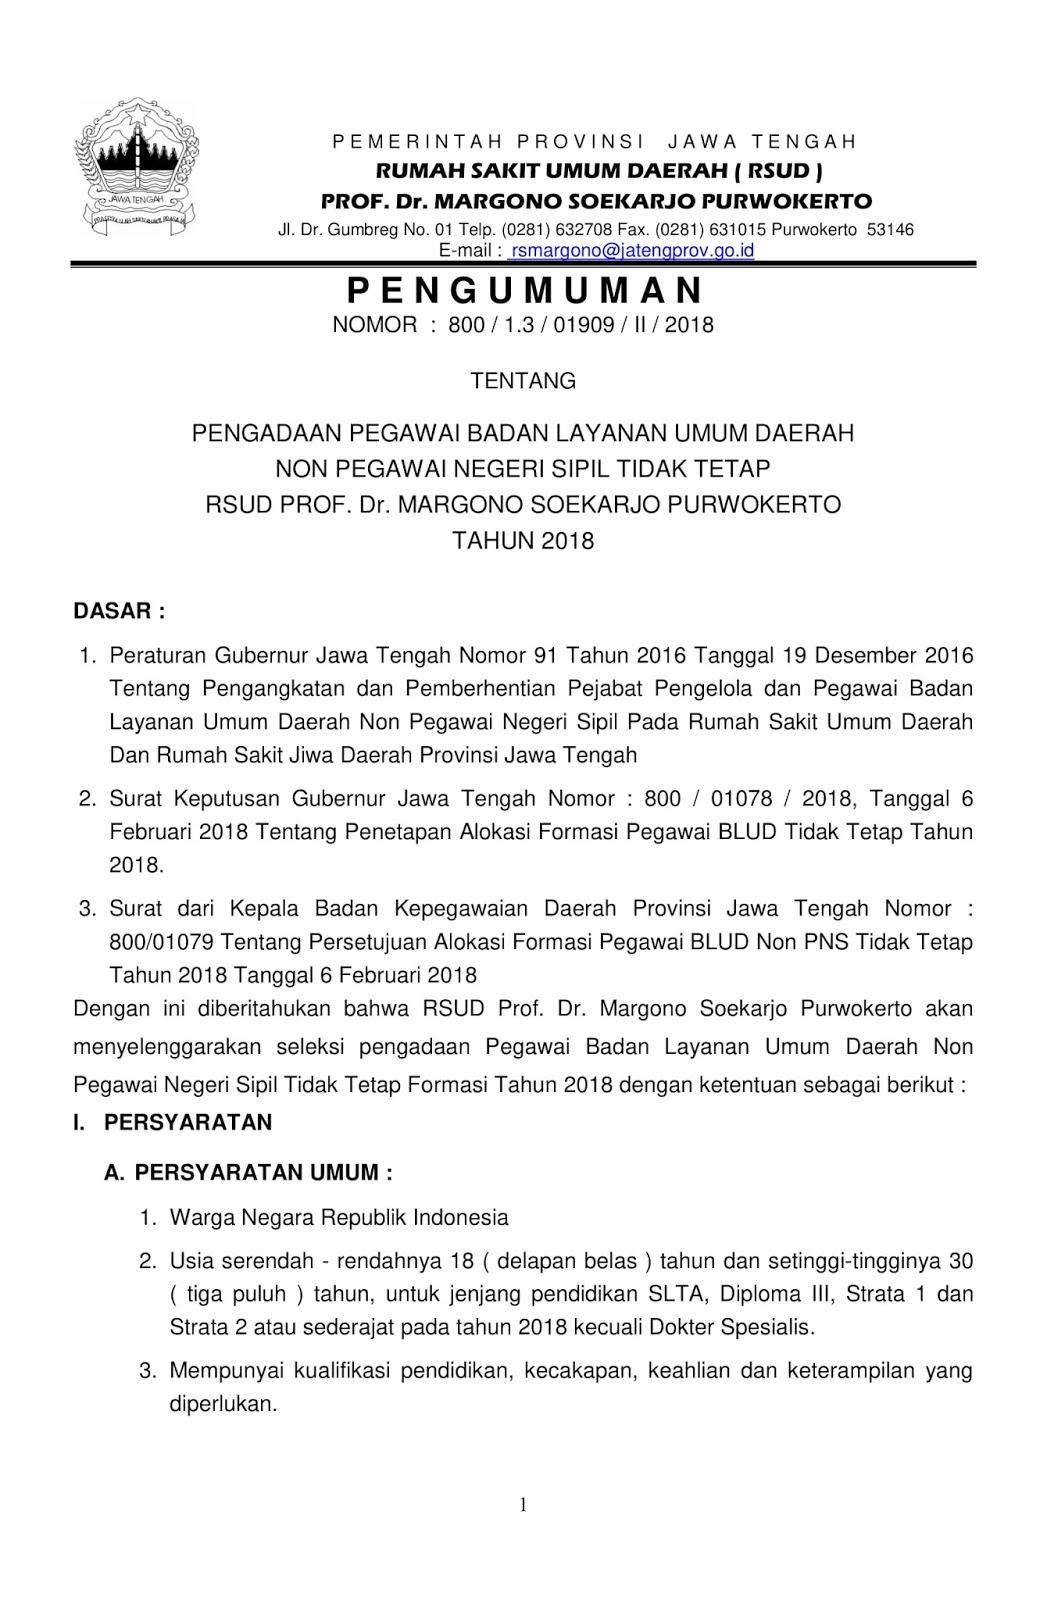 Lowongan Kerja  Rekrutmen Terbaru Non PNS RSUD Prof. Dr. Margono Soekarjo Besar Besaran [84 Formasi]  Oktober 2018